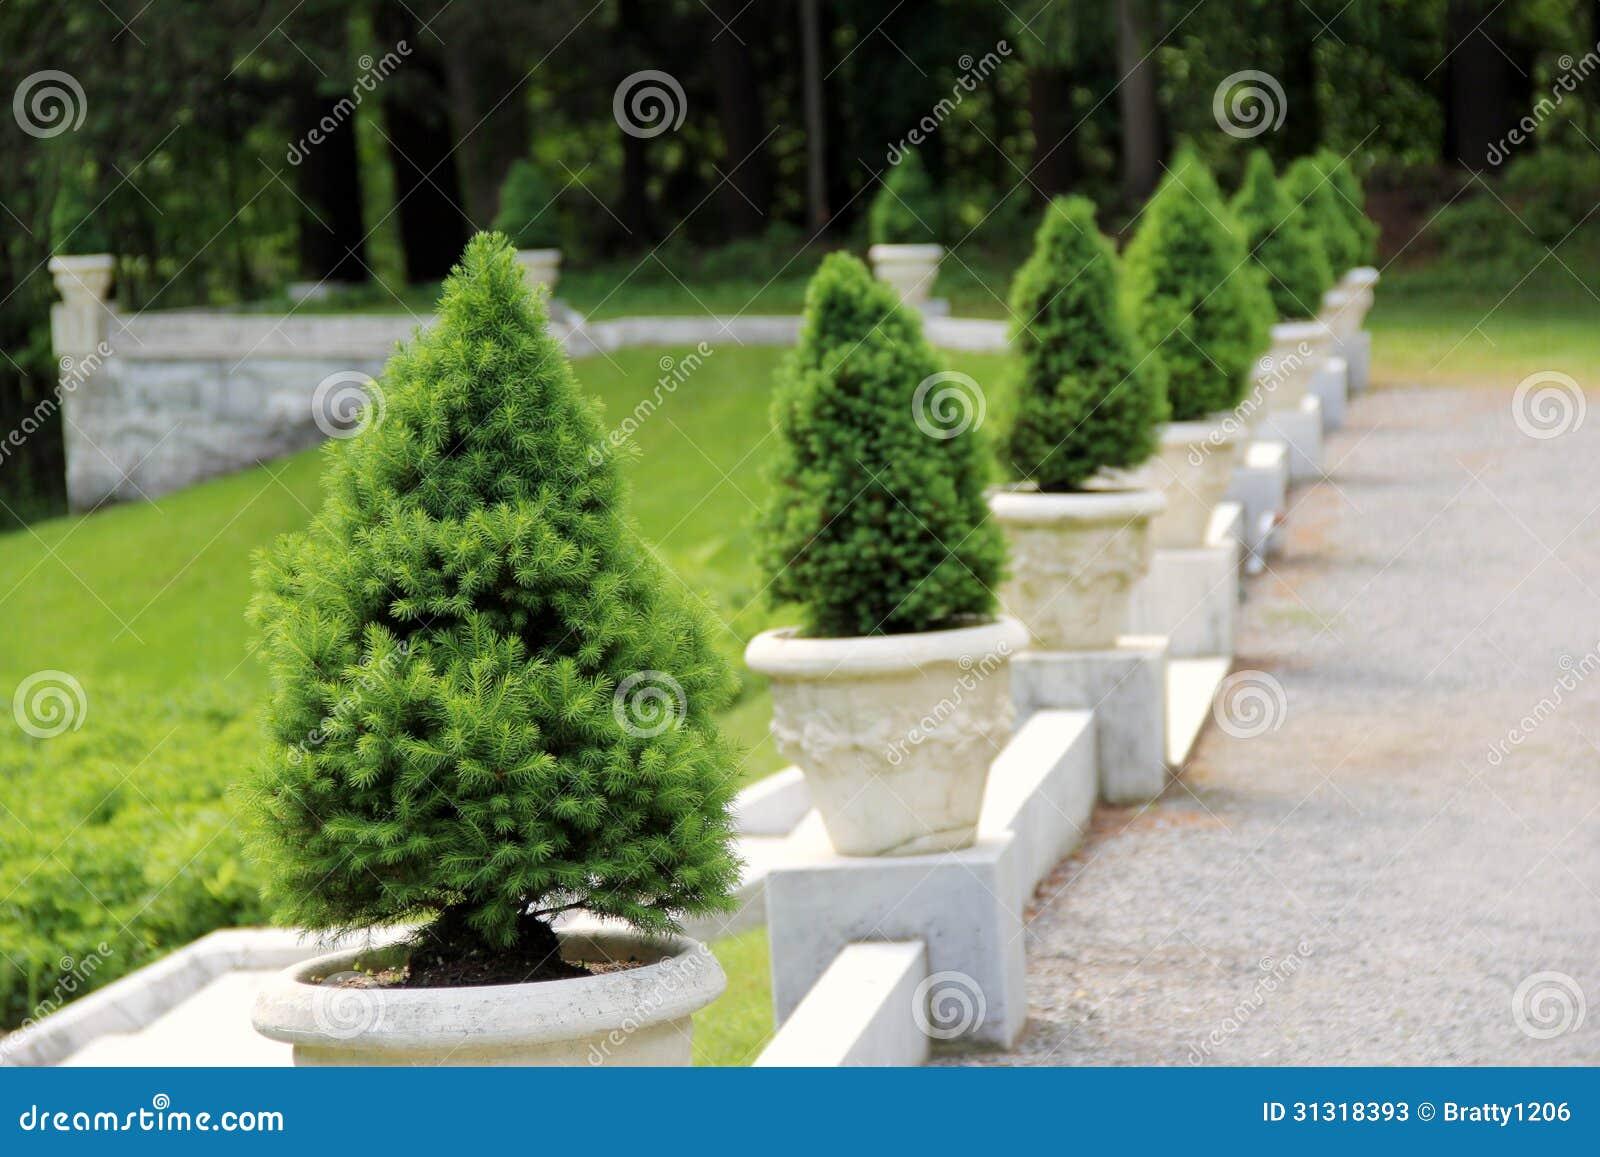 Via della ghiaia con gli alberi di pino mugo immagine - Pino nano da giardino ...